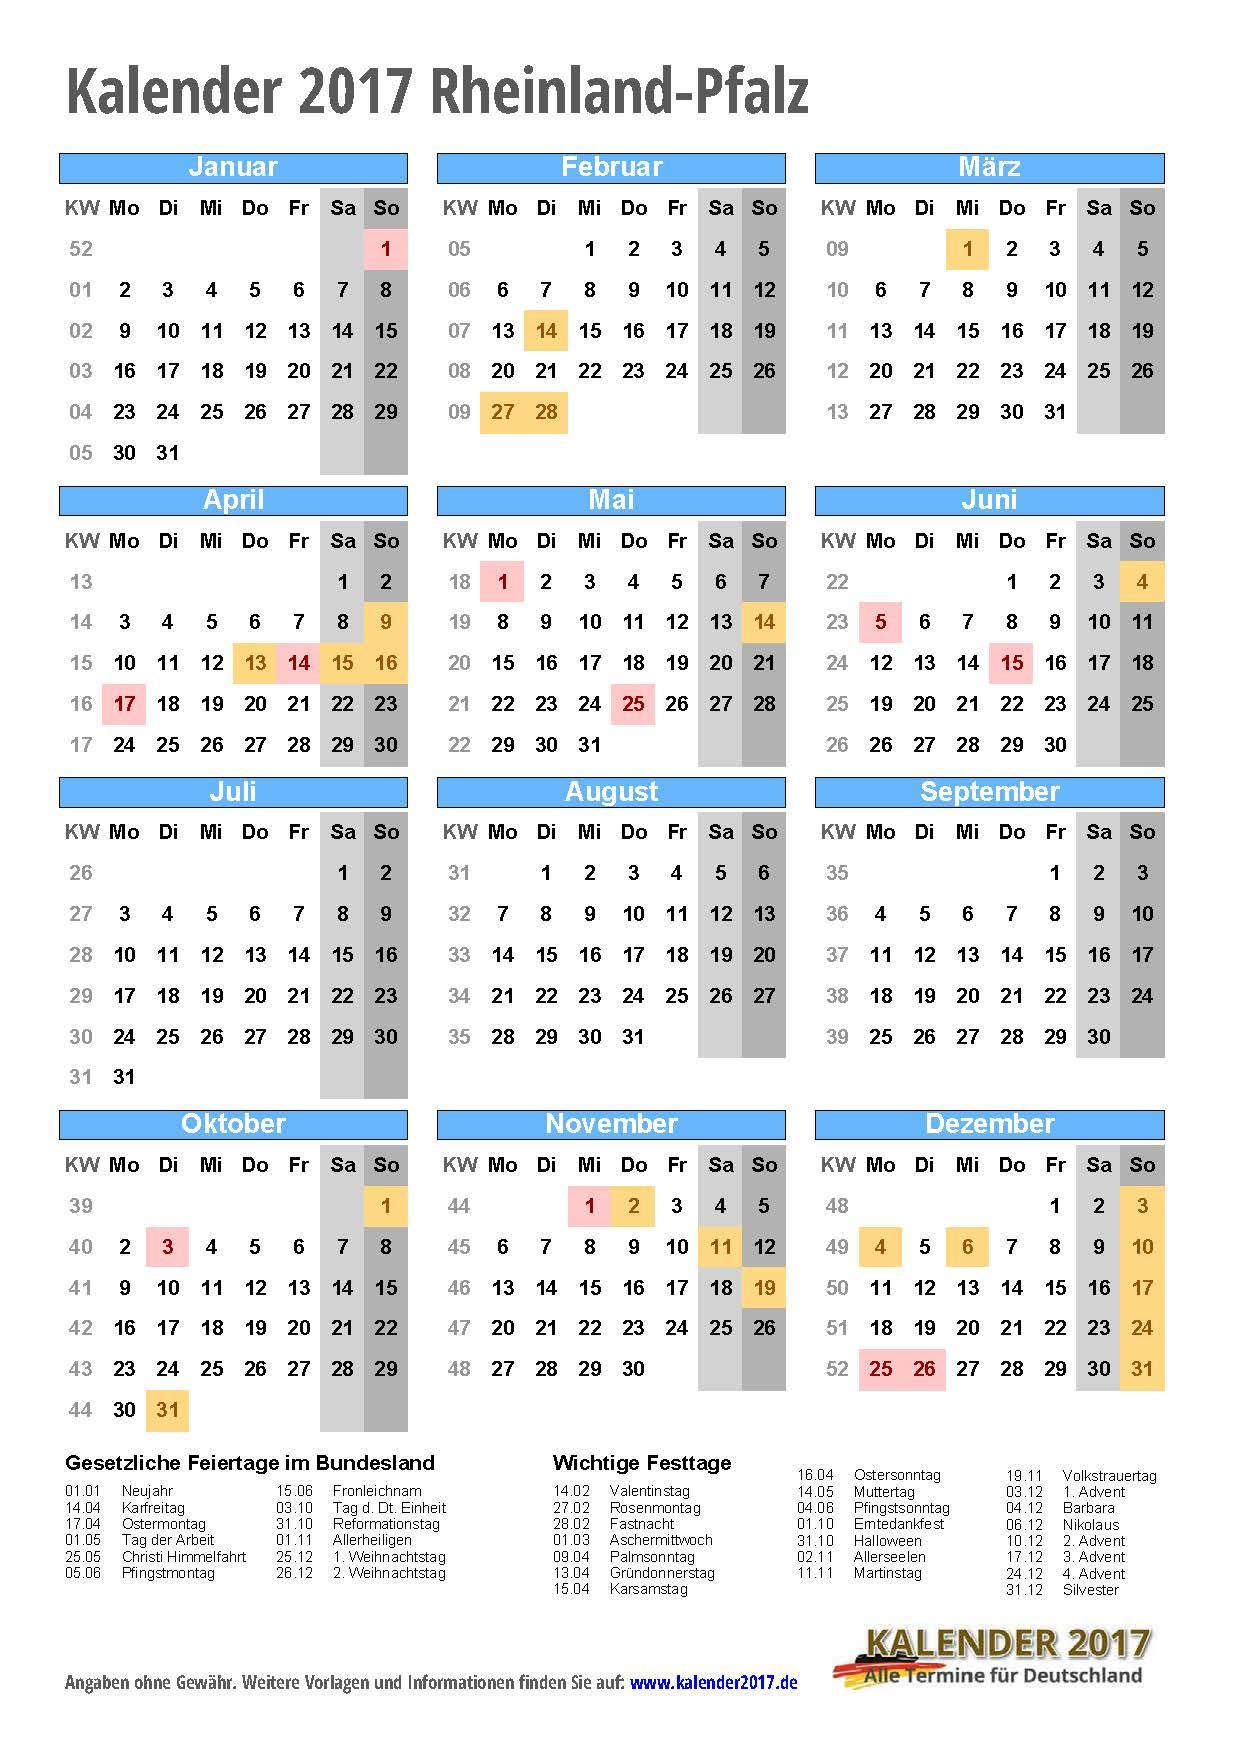 kalender 2017 rheinland pfalz zum ausdrucken kalender 2017. Black Bedroom Furniture Sets. Home Design Ideas